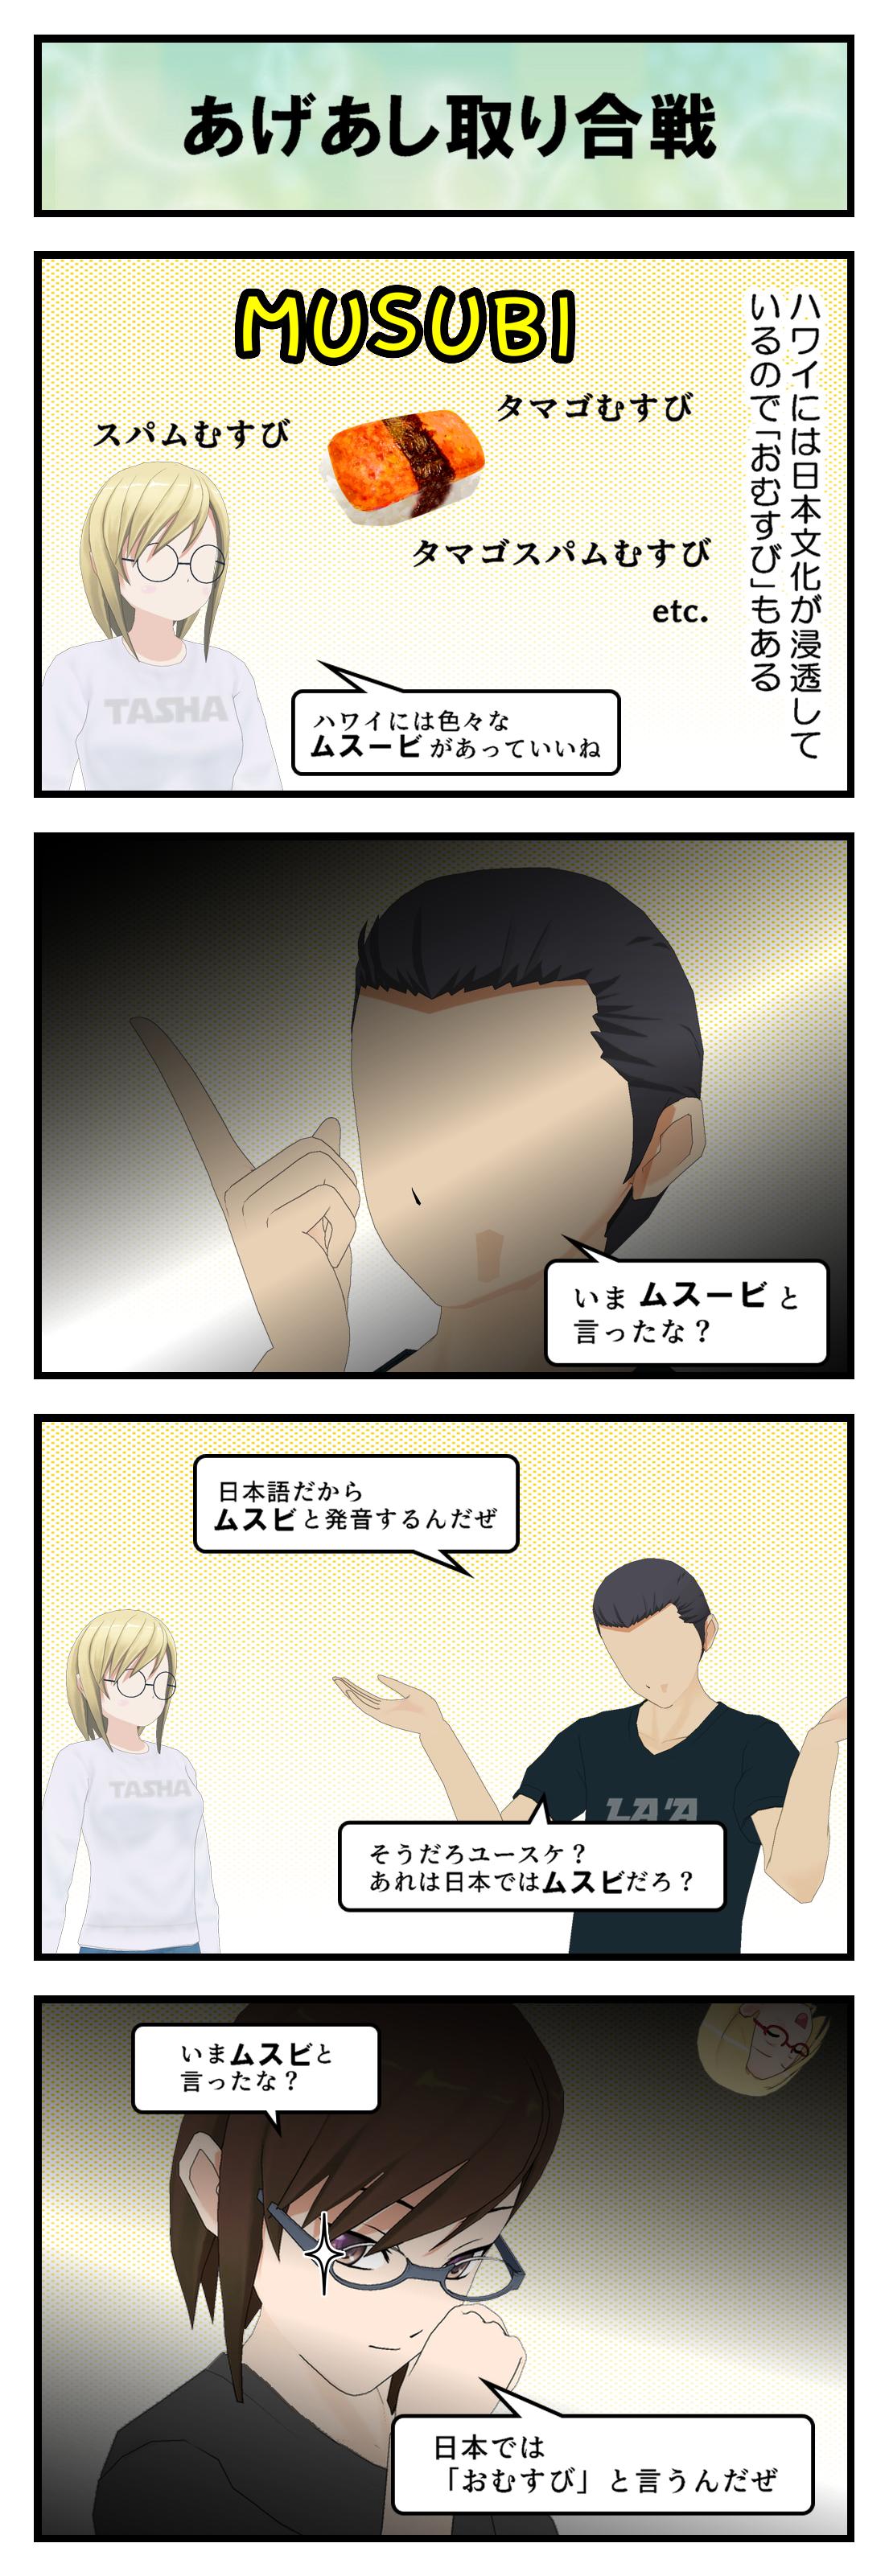 R556_ムスビ_001